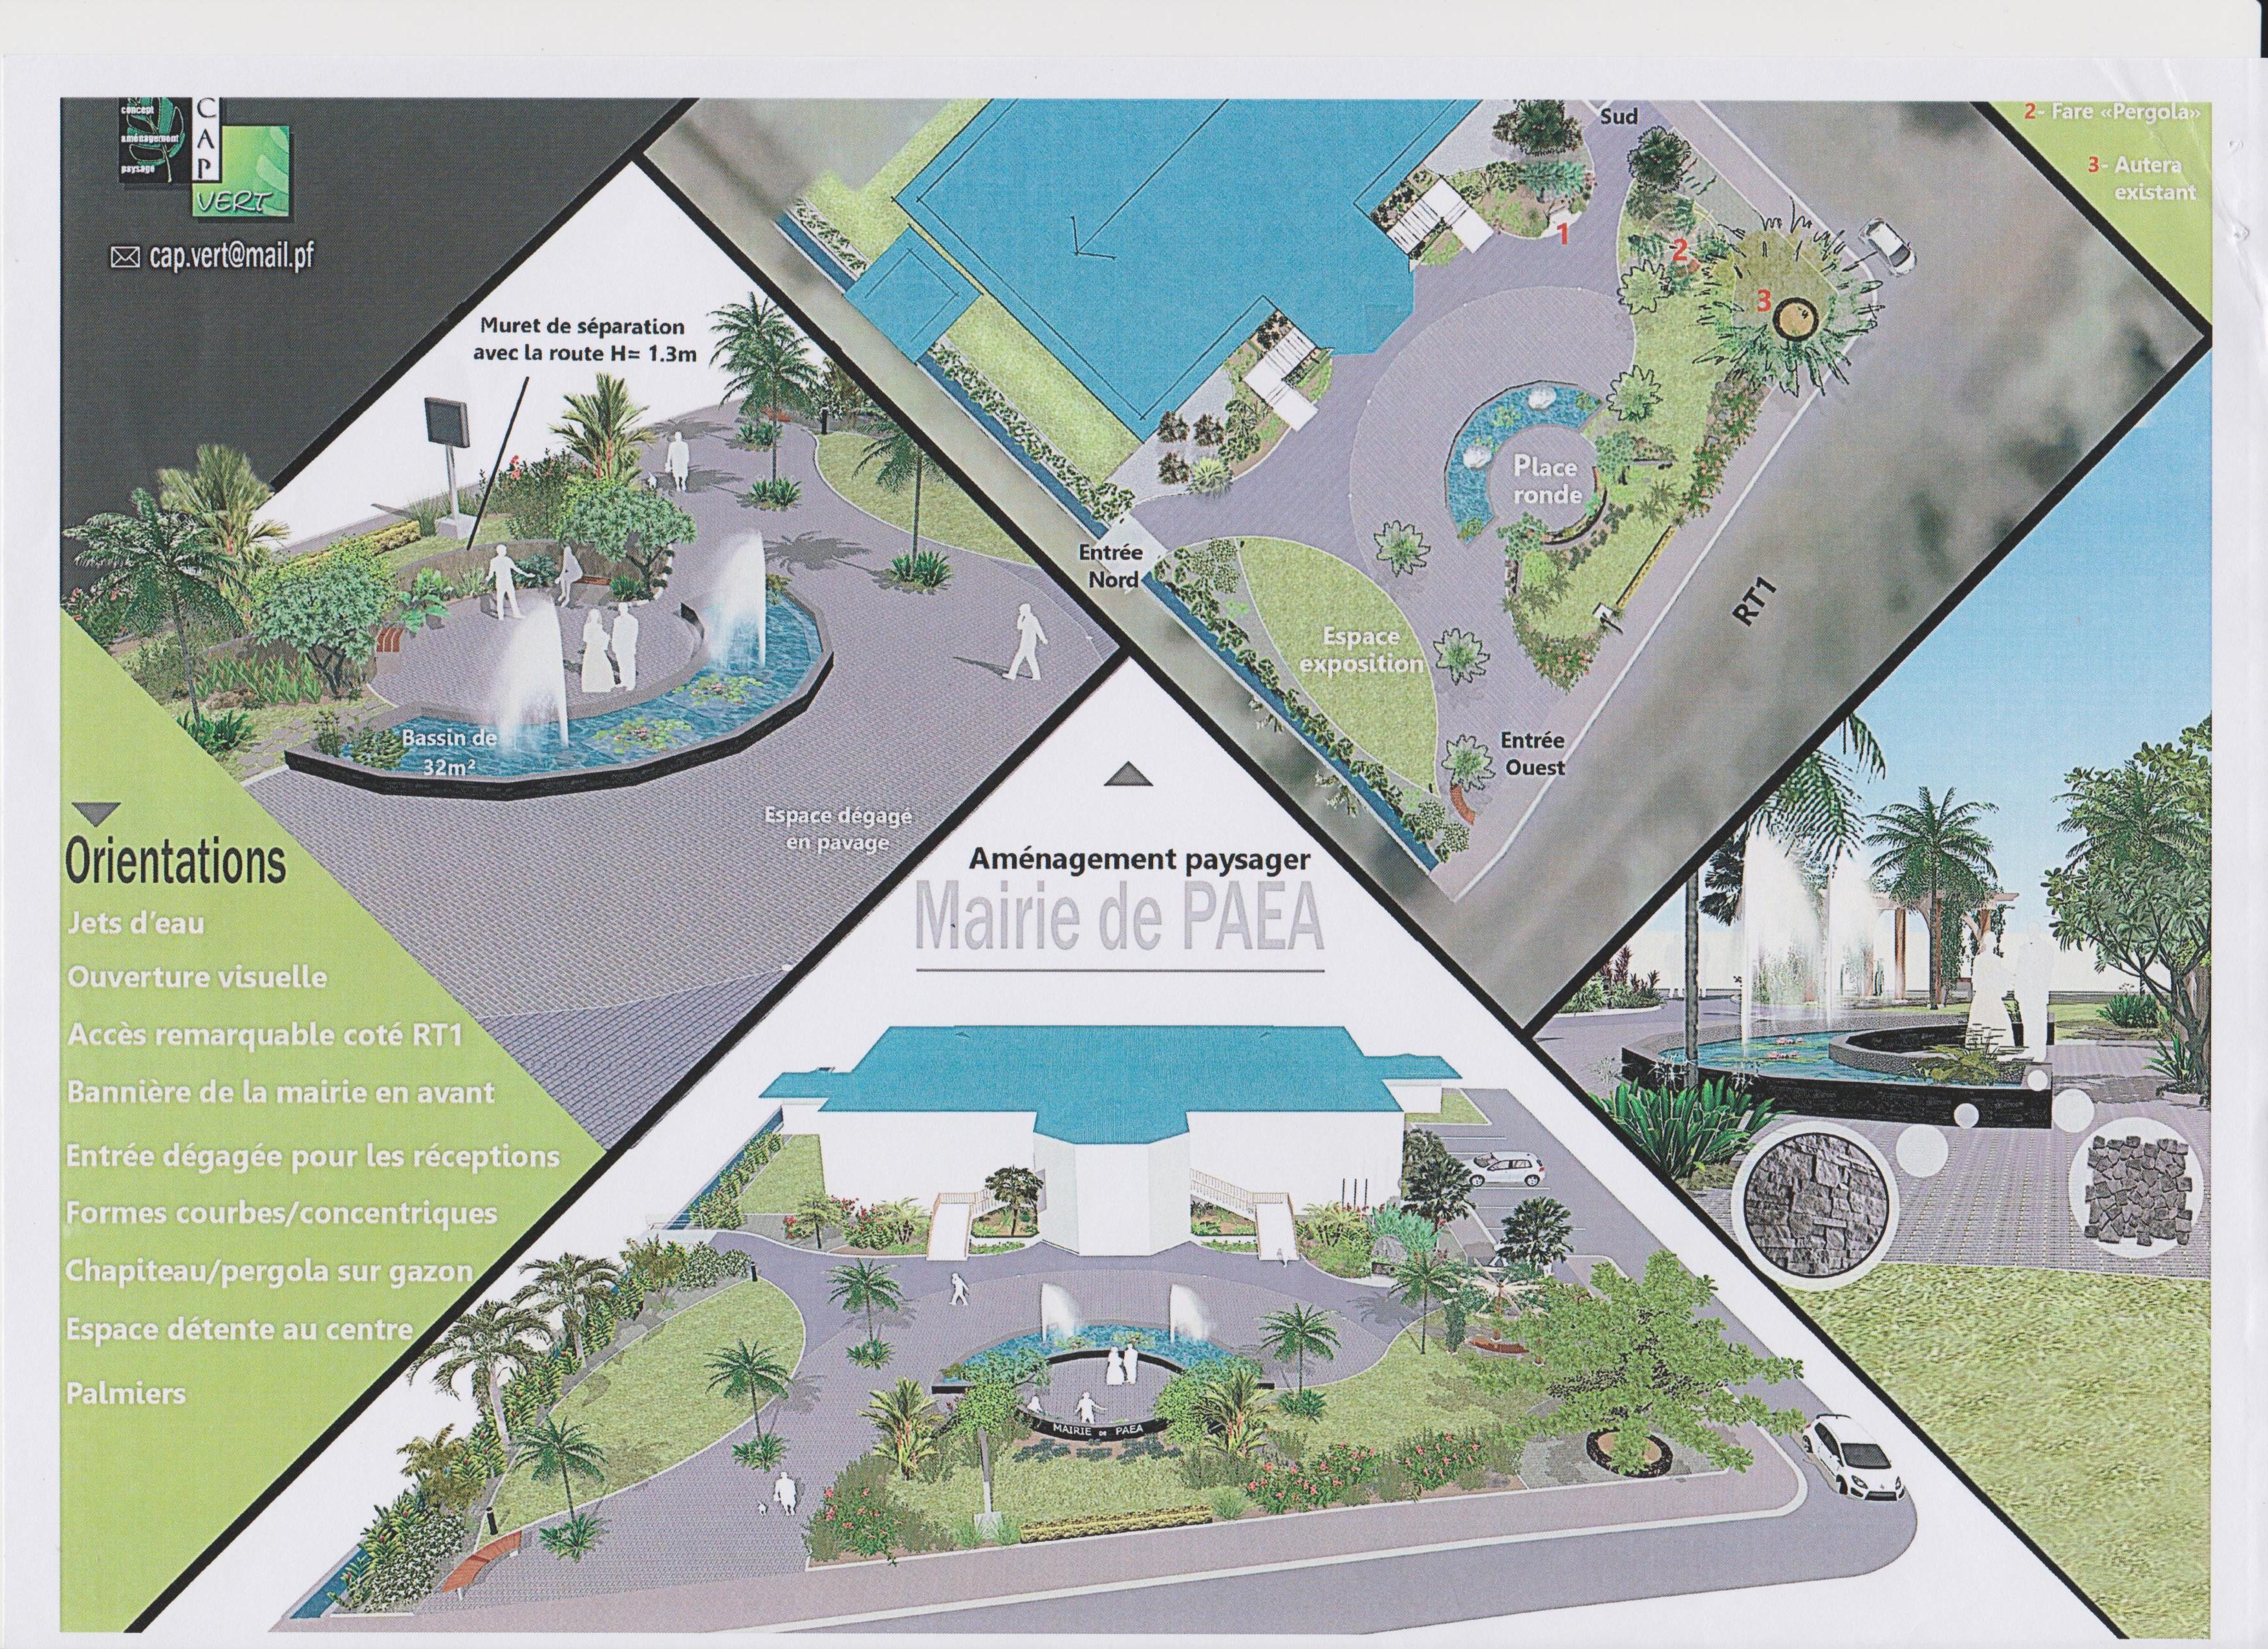 Le futur jardin permettra aux véhicules de se retrouver sur le perron. Un bassin plus grand et harmonieux sera construit. Un espace pour les manifestations sera également aménagé.